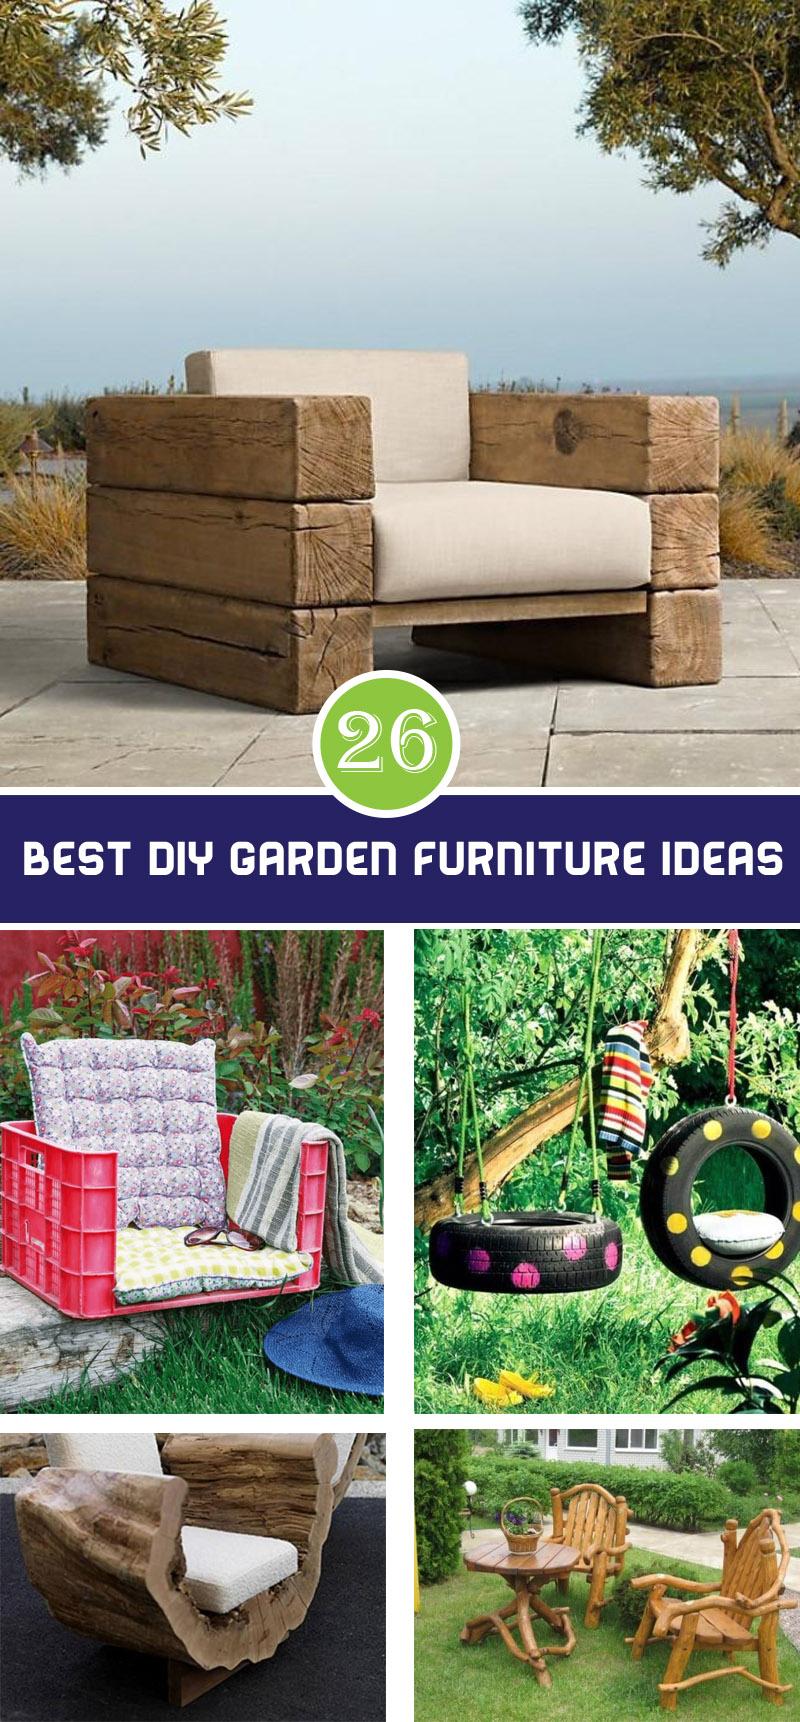 best diy garden furniture ideas